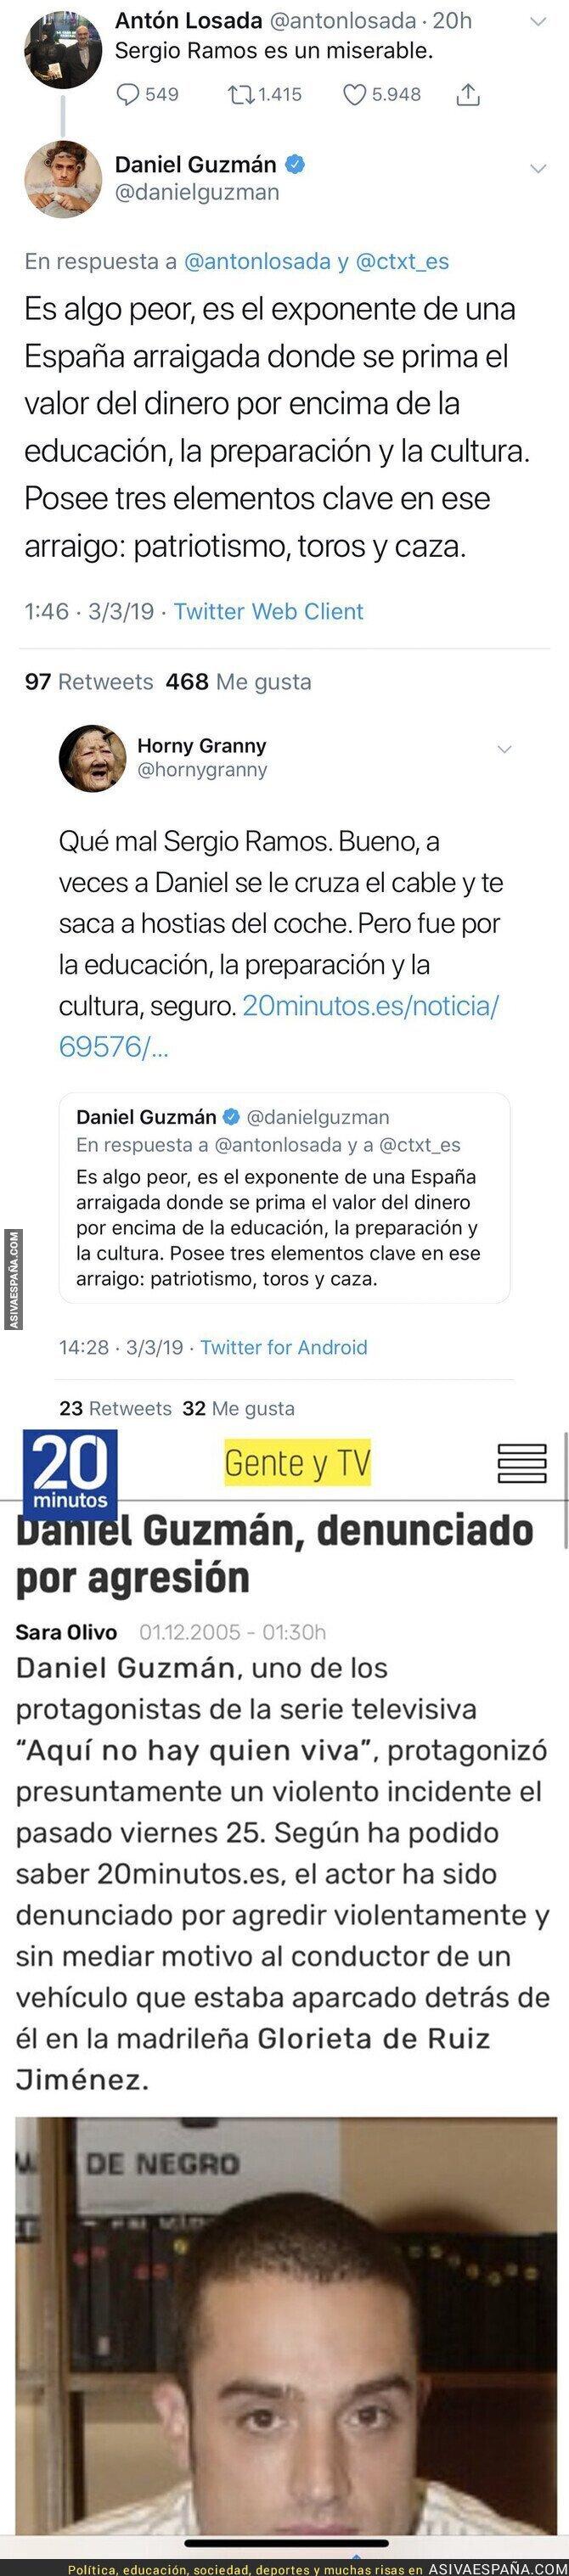 106173 - Daniel Guzmán, de 'Aquí no hay quien viva', llama más que miserable a Sergio Ramos y le dan un ZAS totalmente inesperado